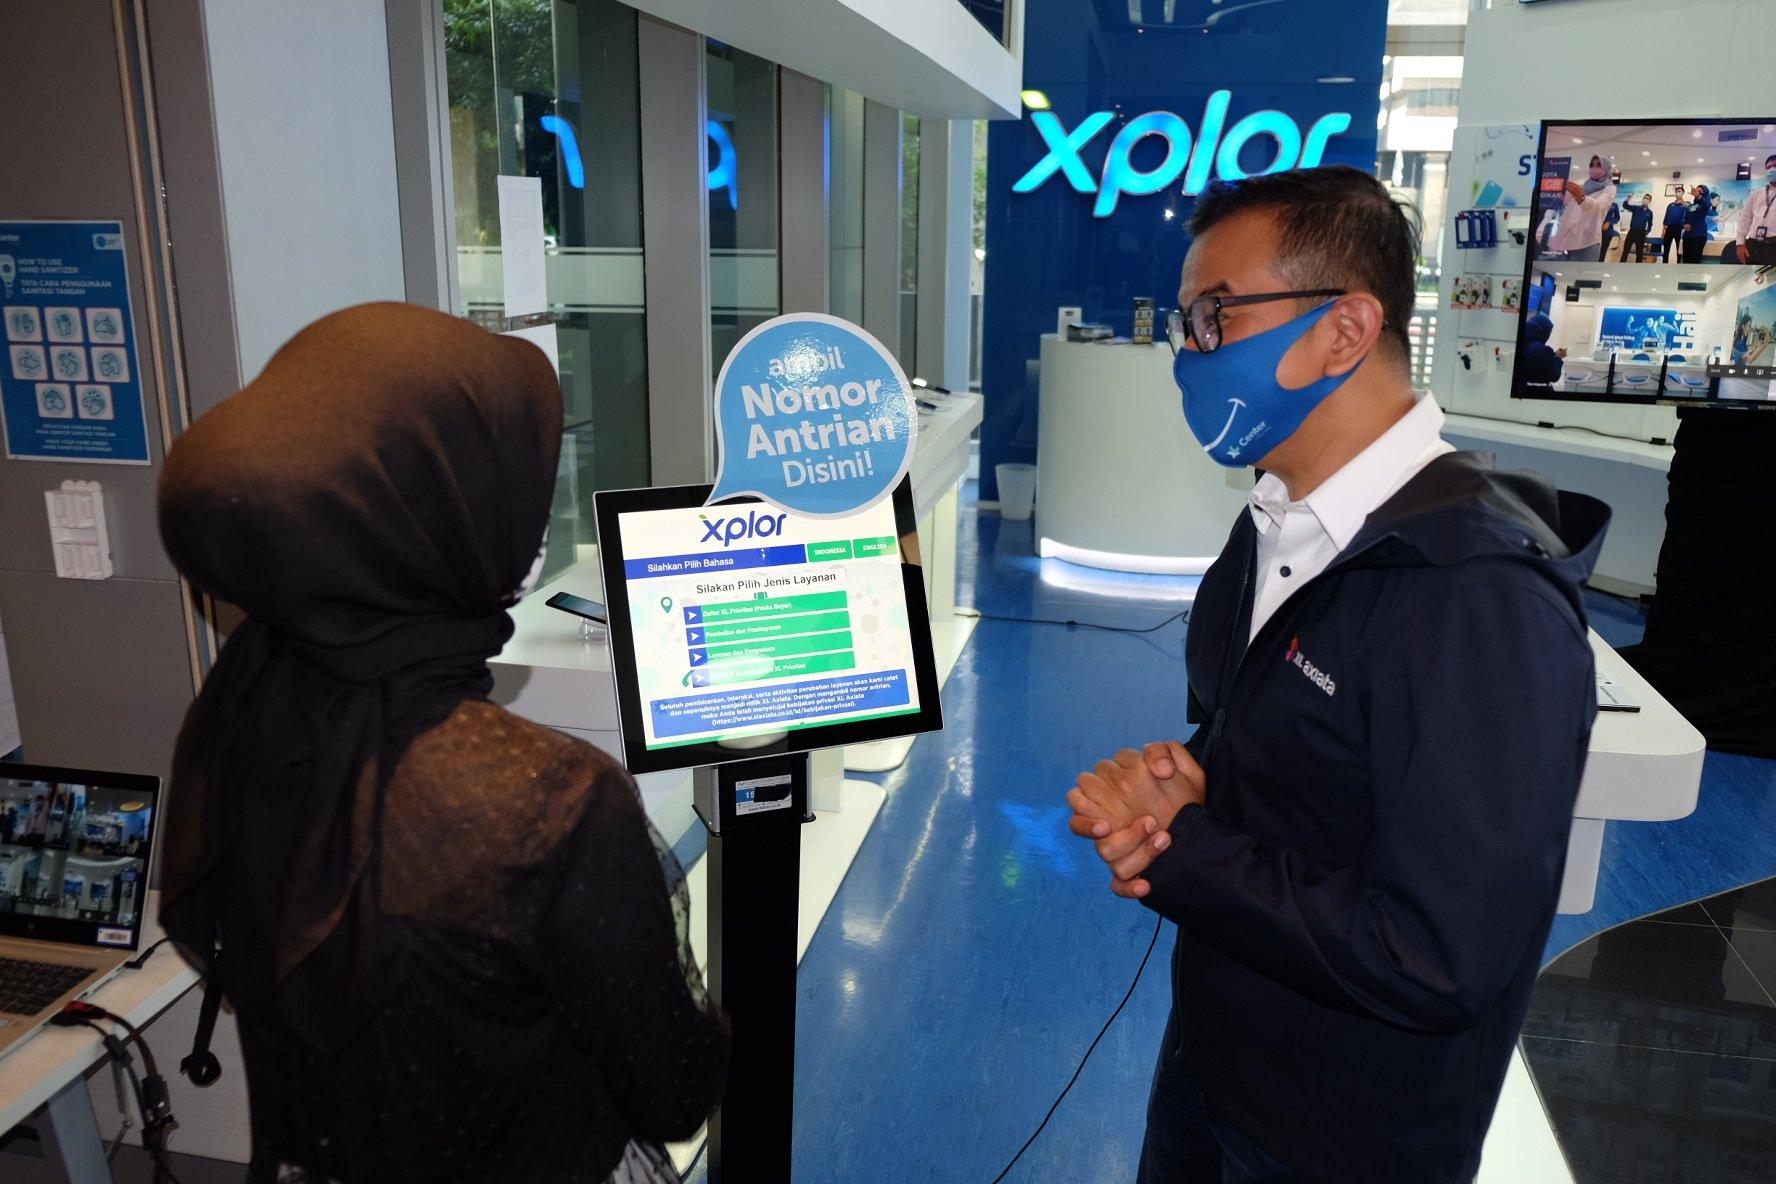 XL Axiata berinovasi melalui penggunaan teknologi digital untuk meningkatkan level pelayanan kepada pelanggan dengan menghadirkan Layanan Online XL Center